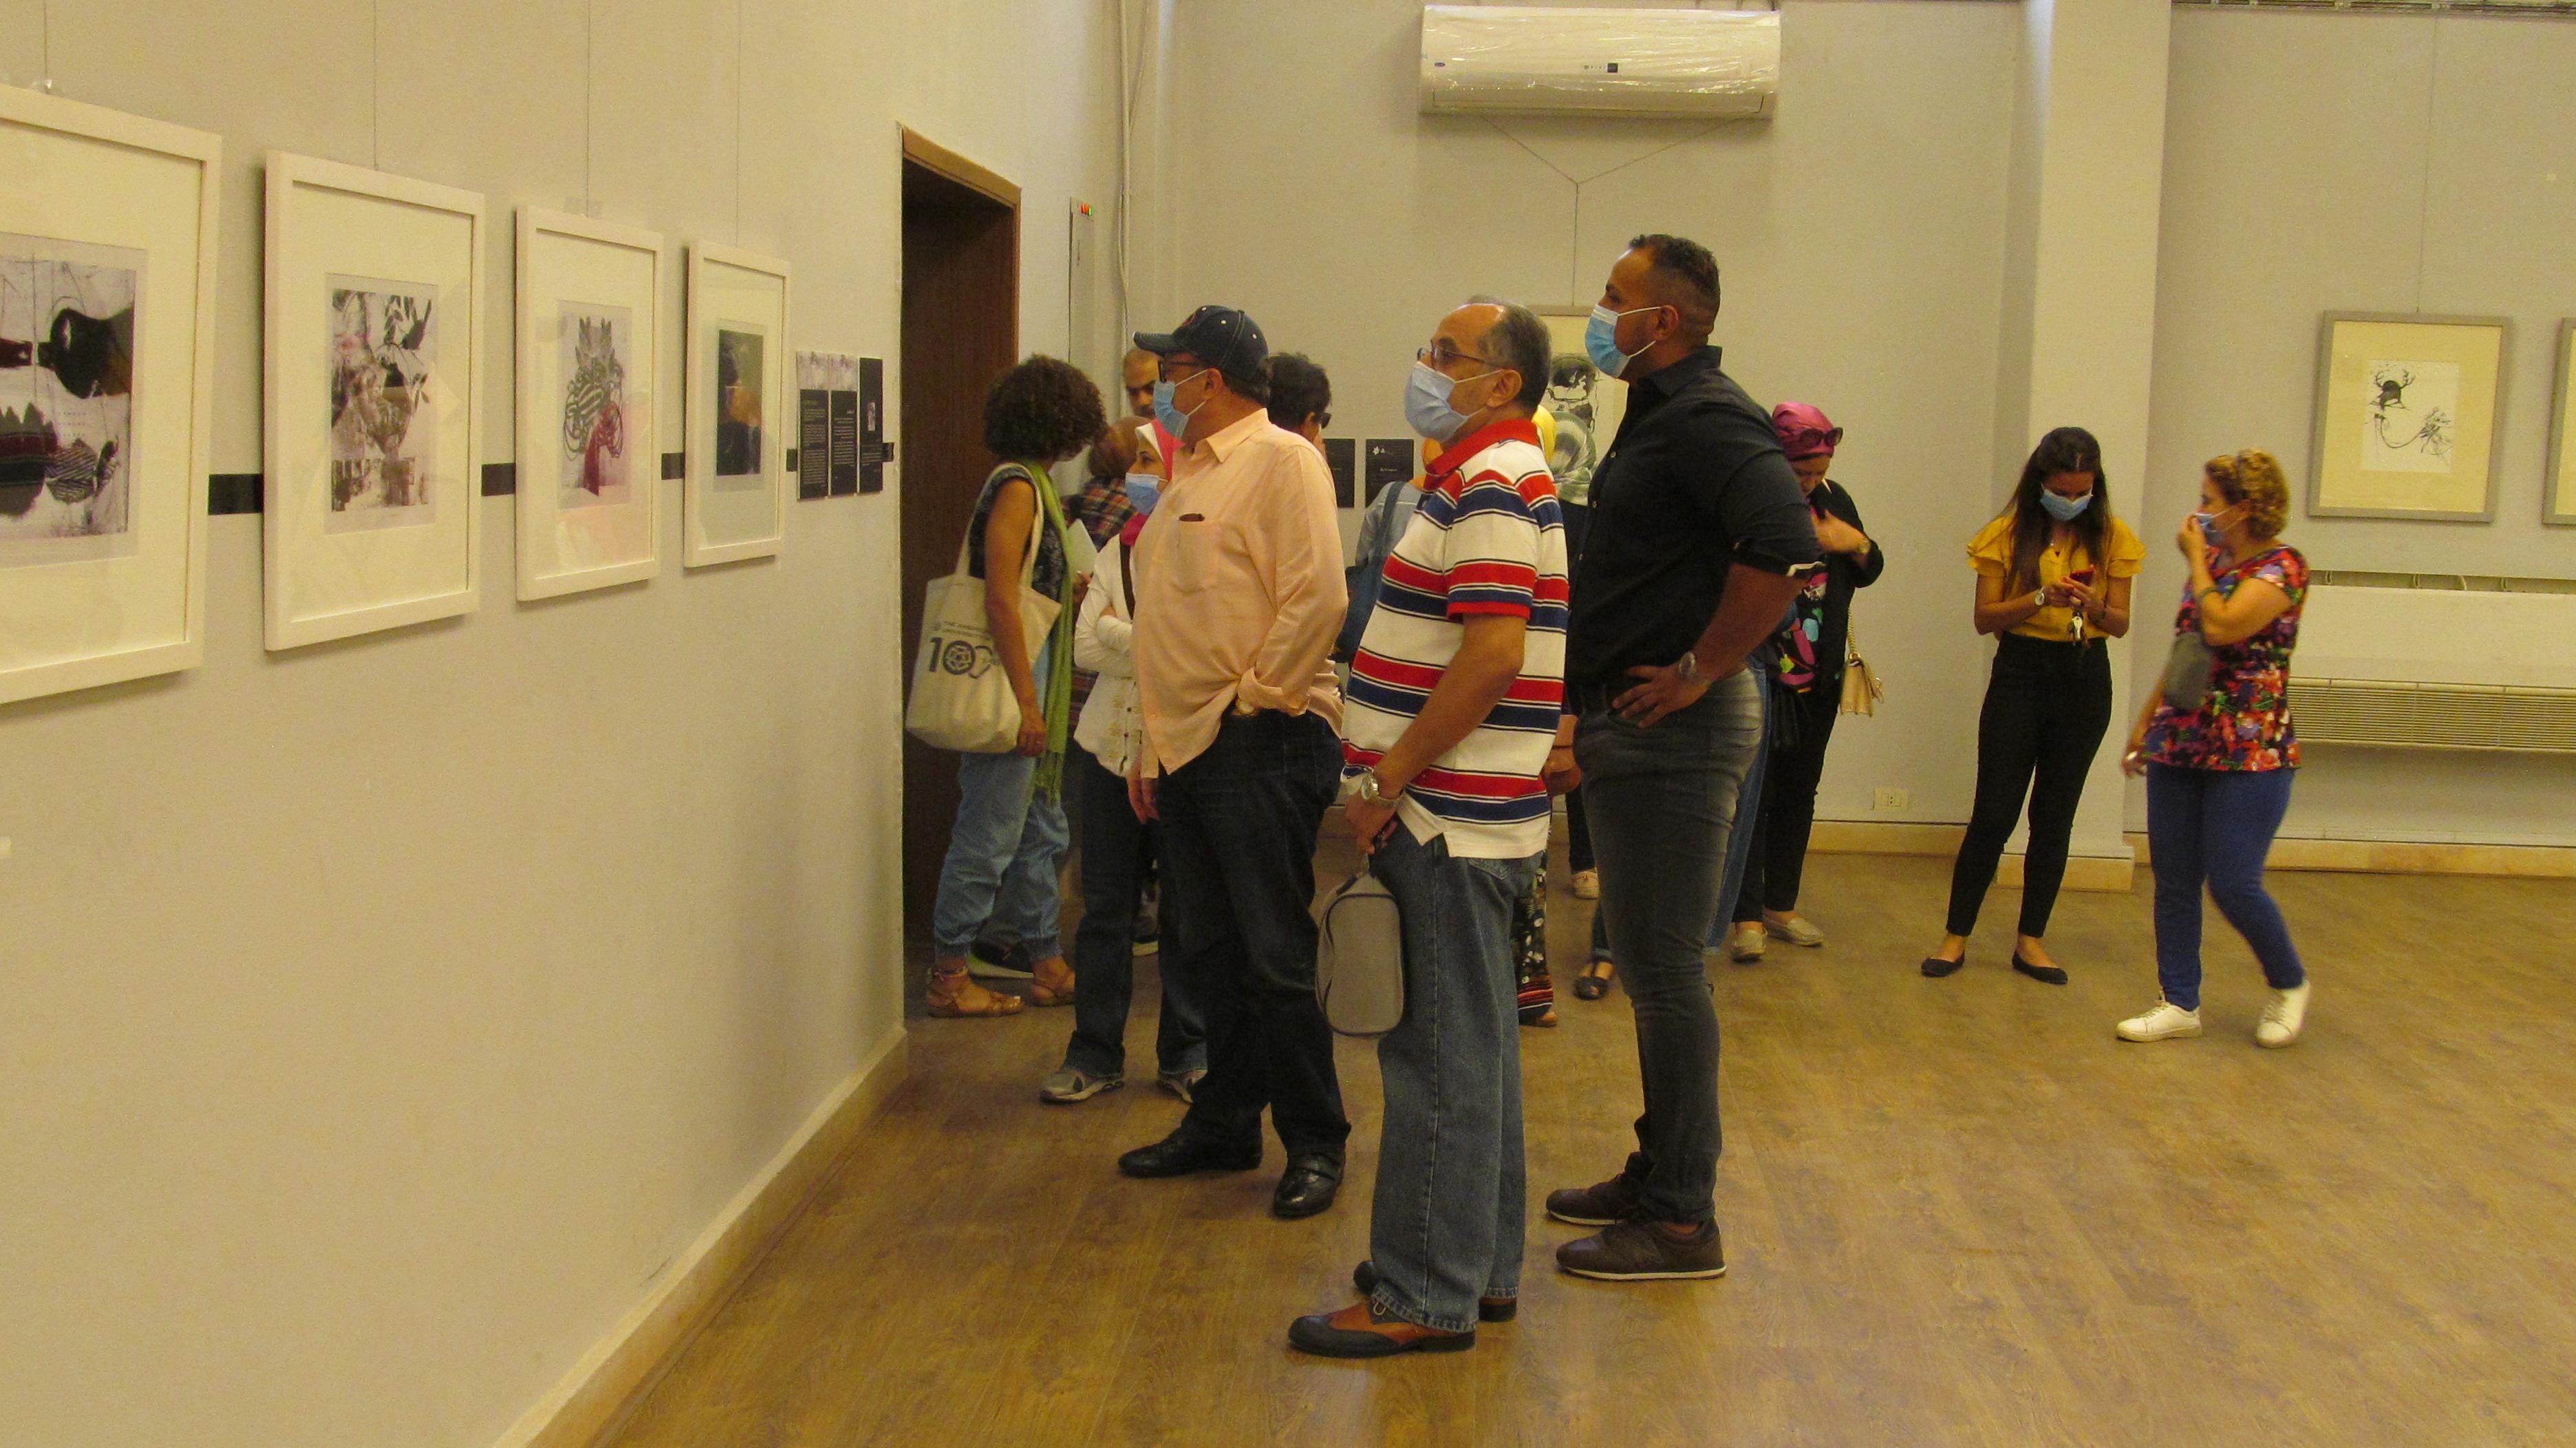 الدكتور أشرف رضا يتفقد المعرض بكلية الفنون الجميلة بالزمالك (3)